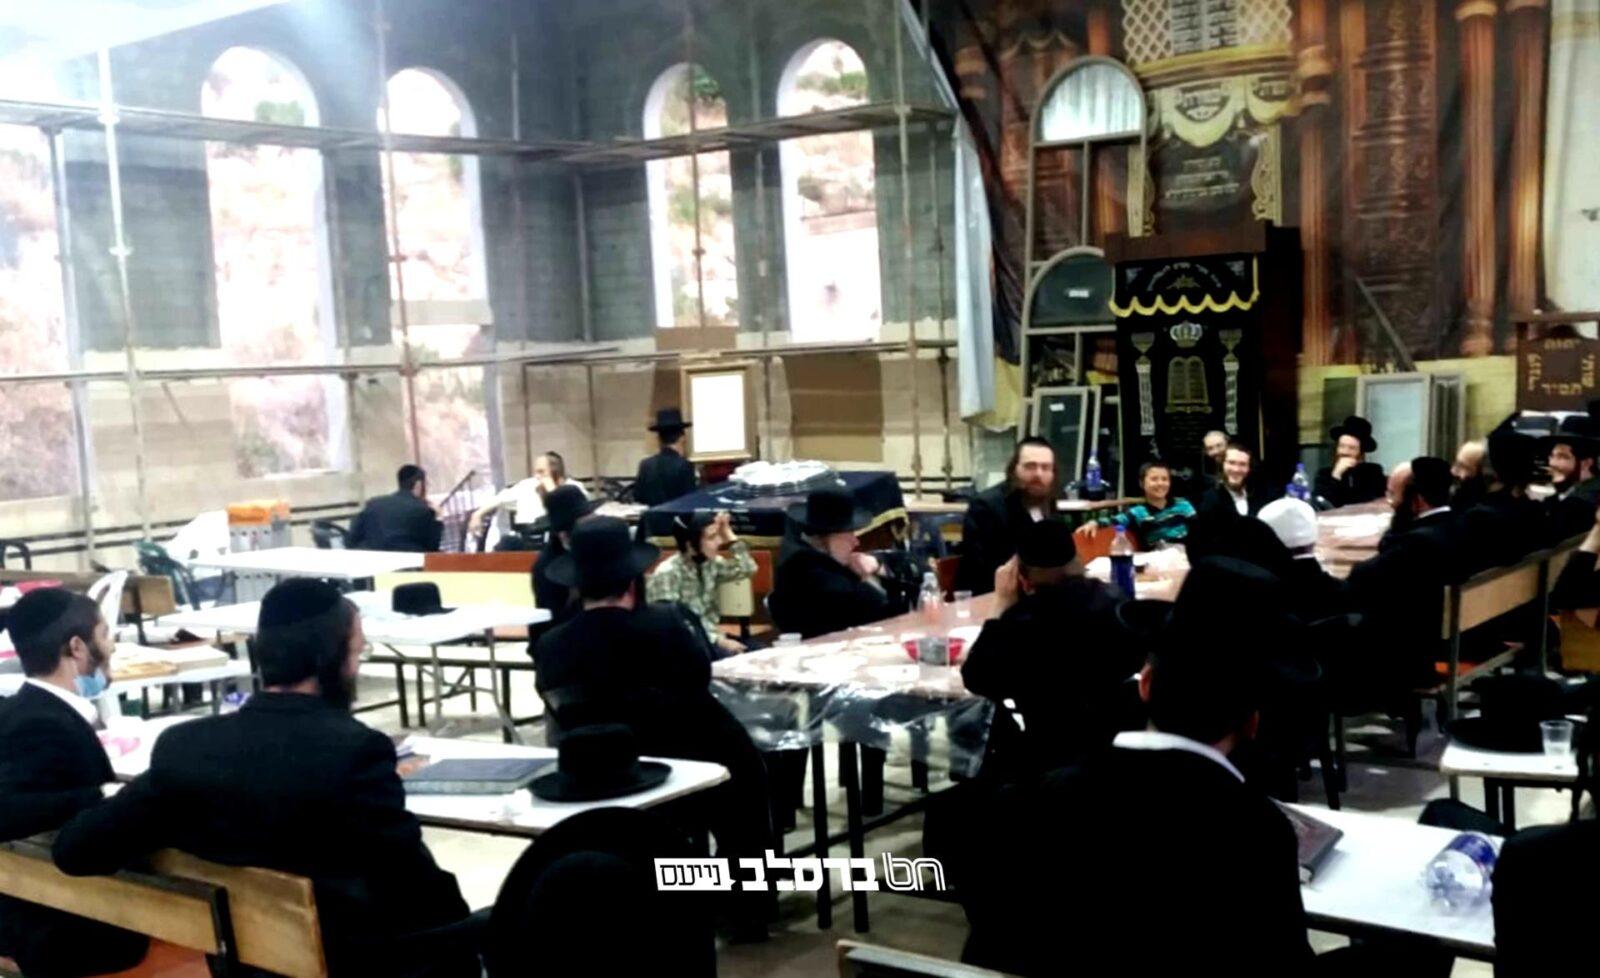 """צפת • בבית הכנסת ברסלב 'פאר הנצח' התקיים שיעור מאת הרה""""ח ר' יעקב נתן אנשין שליט""""א"""